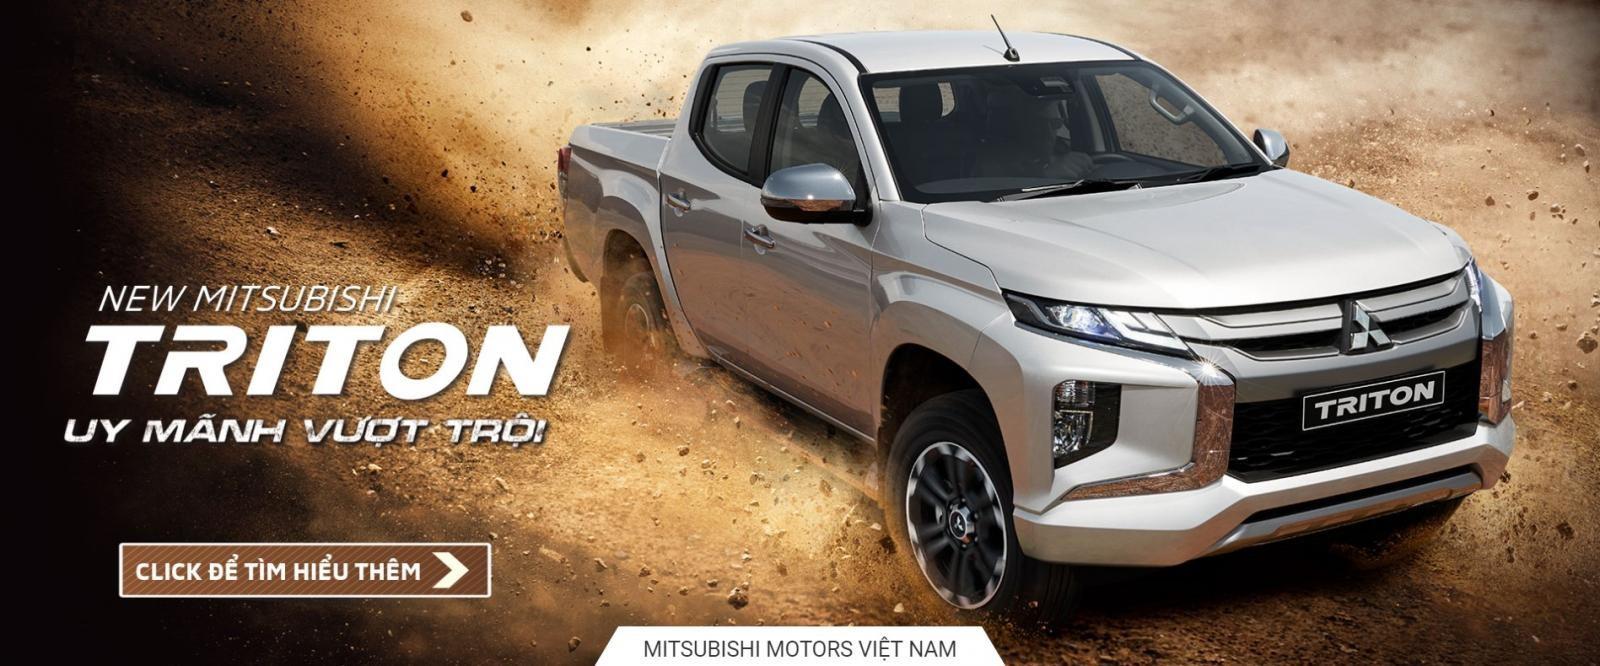 Mitsubishi Việt Nam hé lộ về Triton 2019 trên trang web chính thức